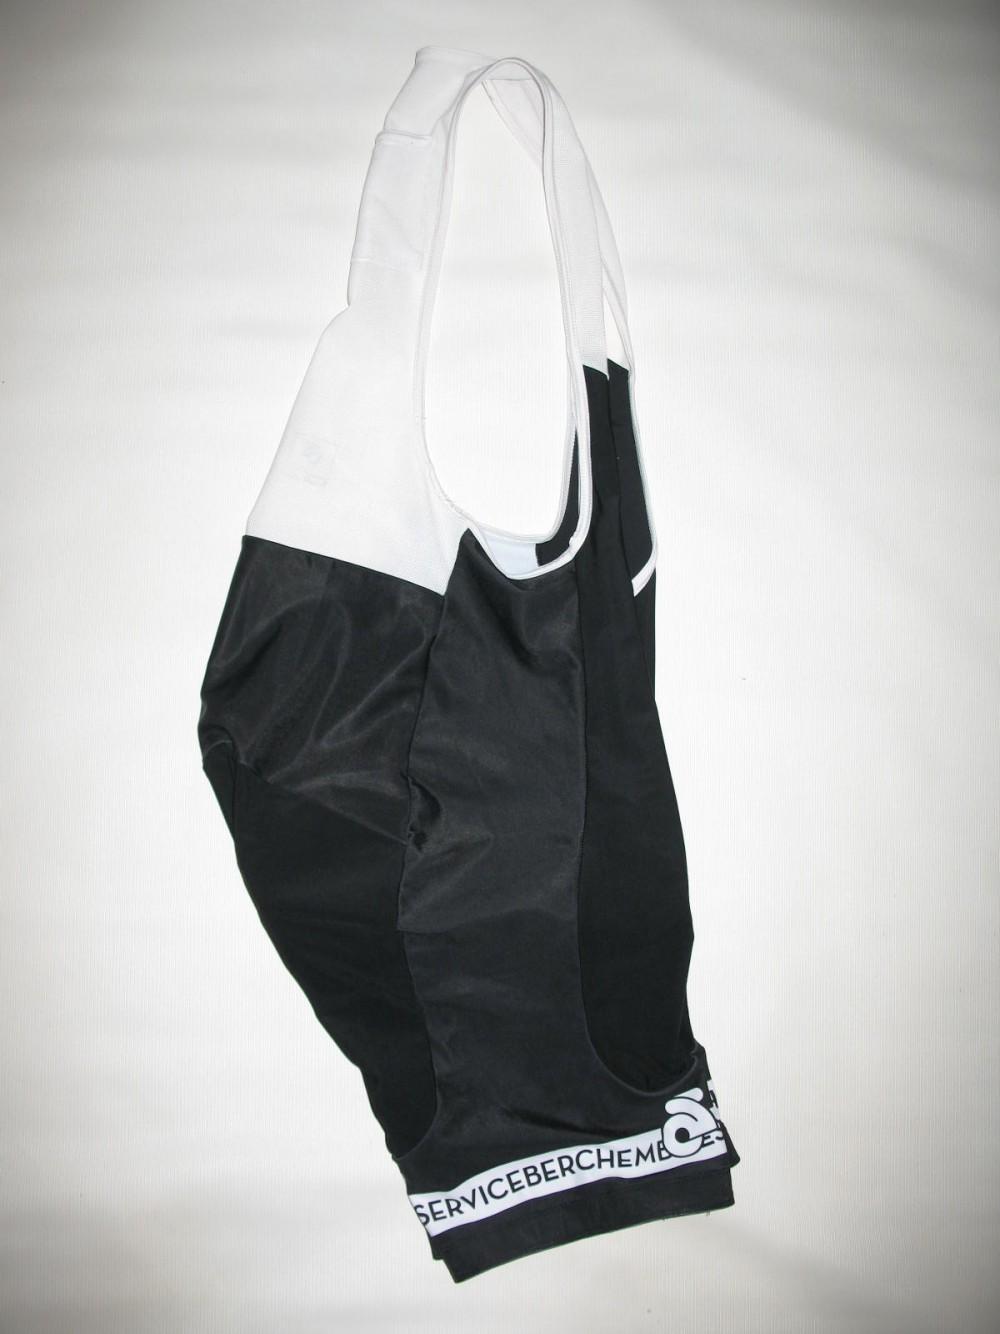 Велошорты CHAMPION SYSTEM bib cycling shorts (размер L) - 1